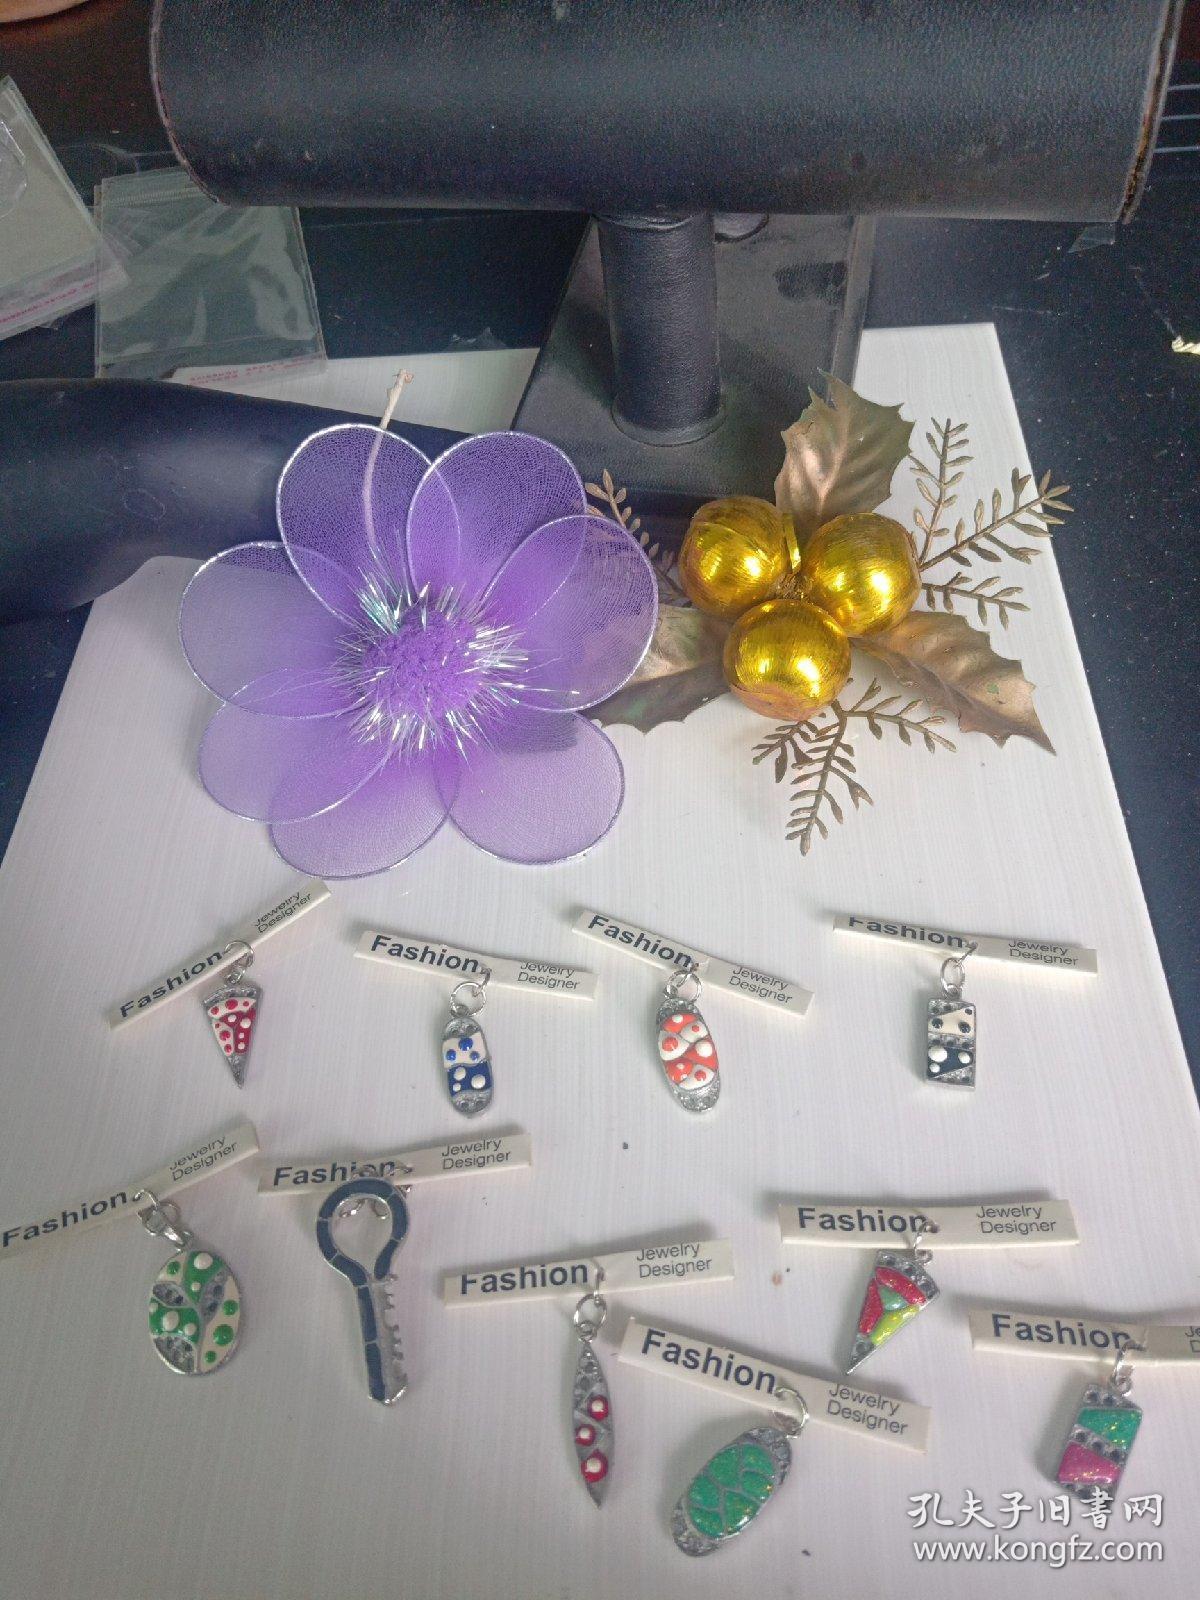 复古合金吊坠,彩绘滴油,不掉色,多年收藏品,价格为单个的,合金材料和电镀为环保无毒,放心收藏和佩戴,可以做钥匙扣,包包挂件,以及家庭摆件,单价5.5-9.5